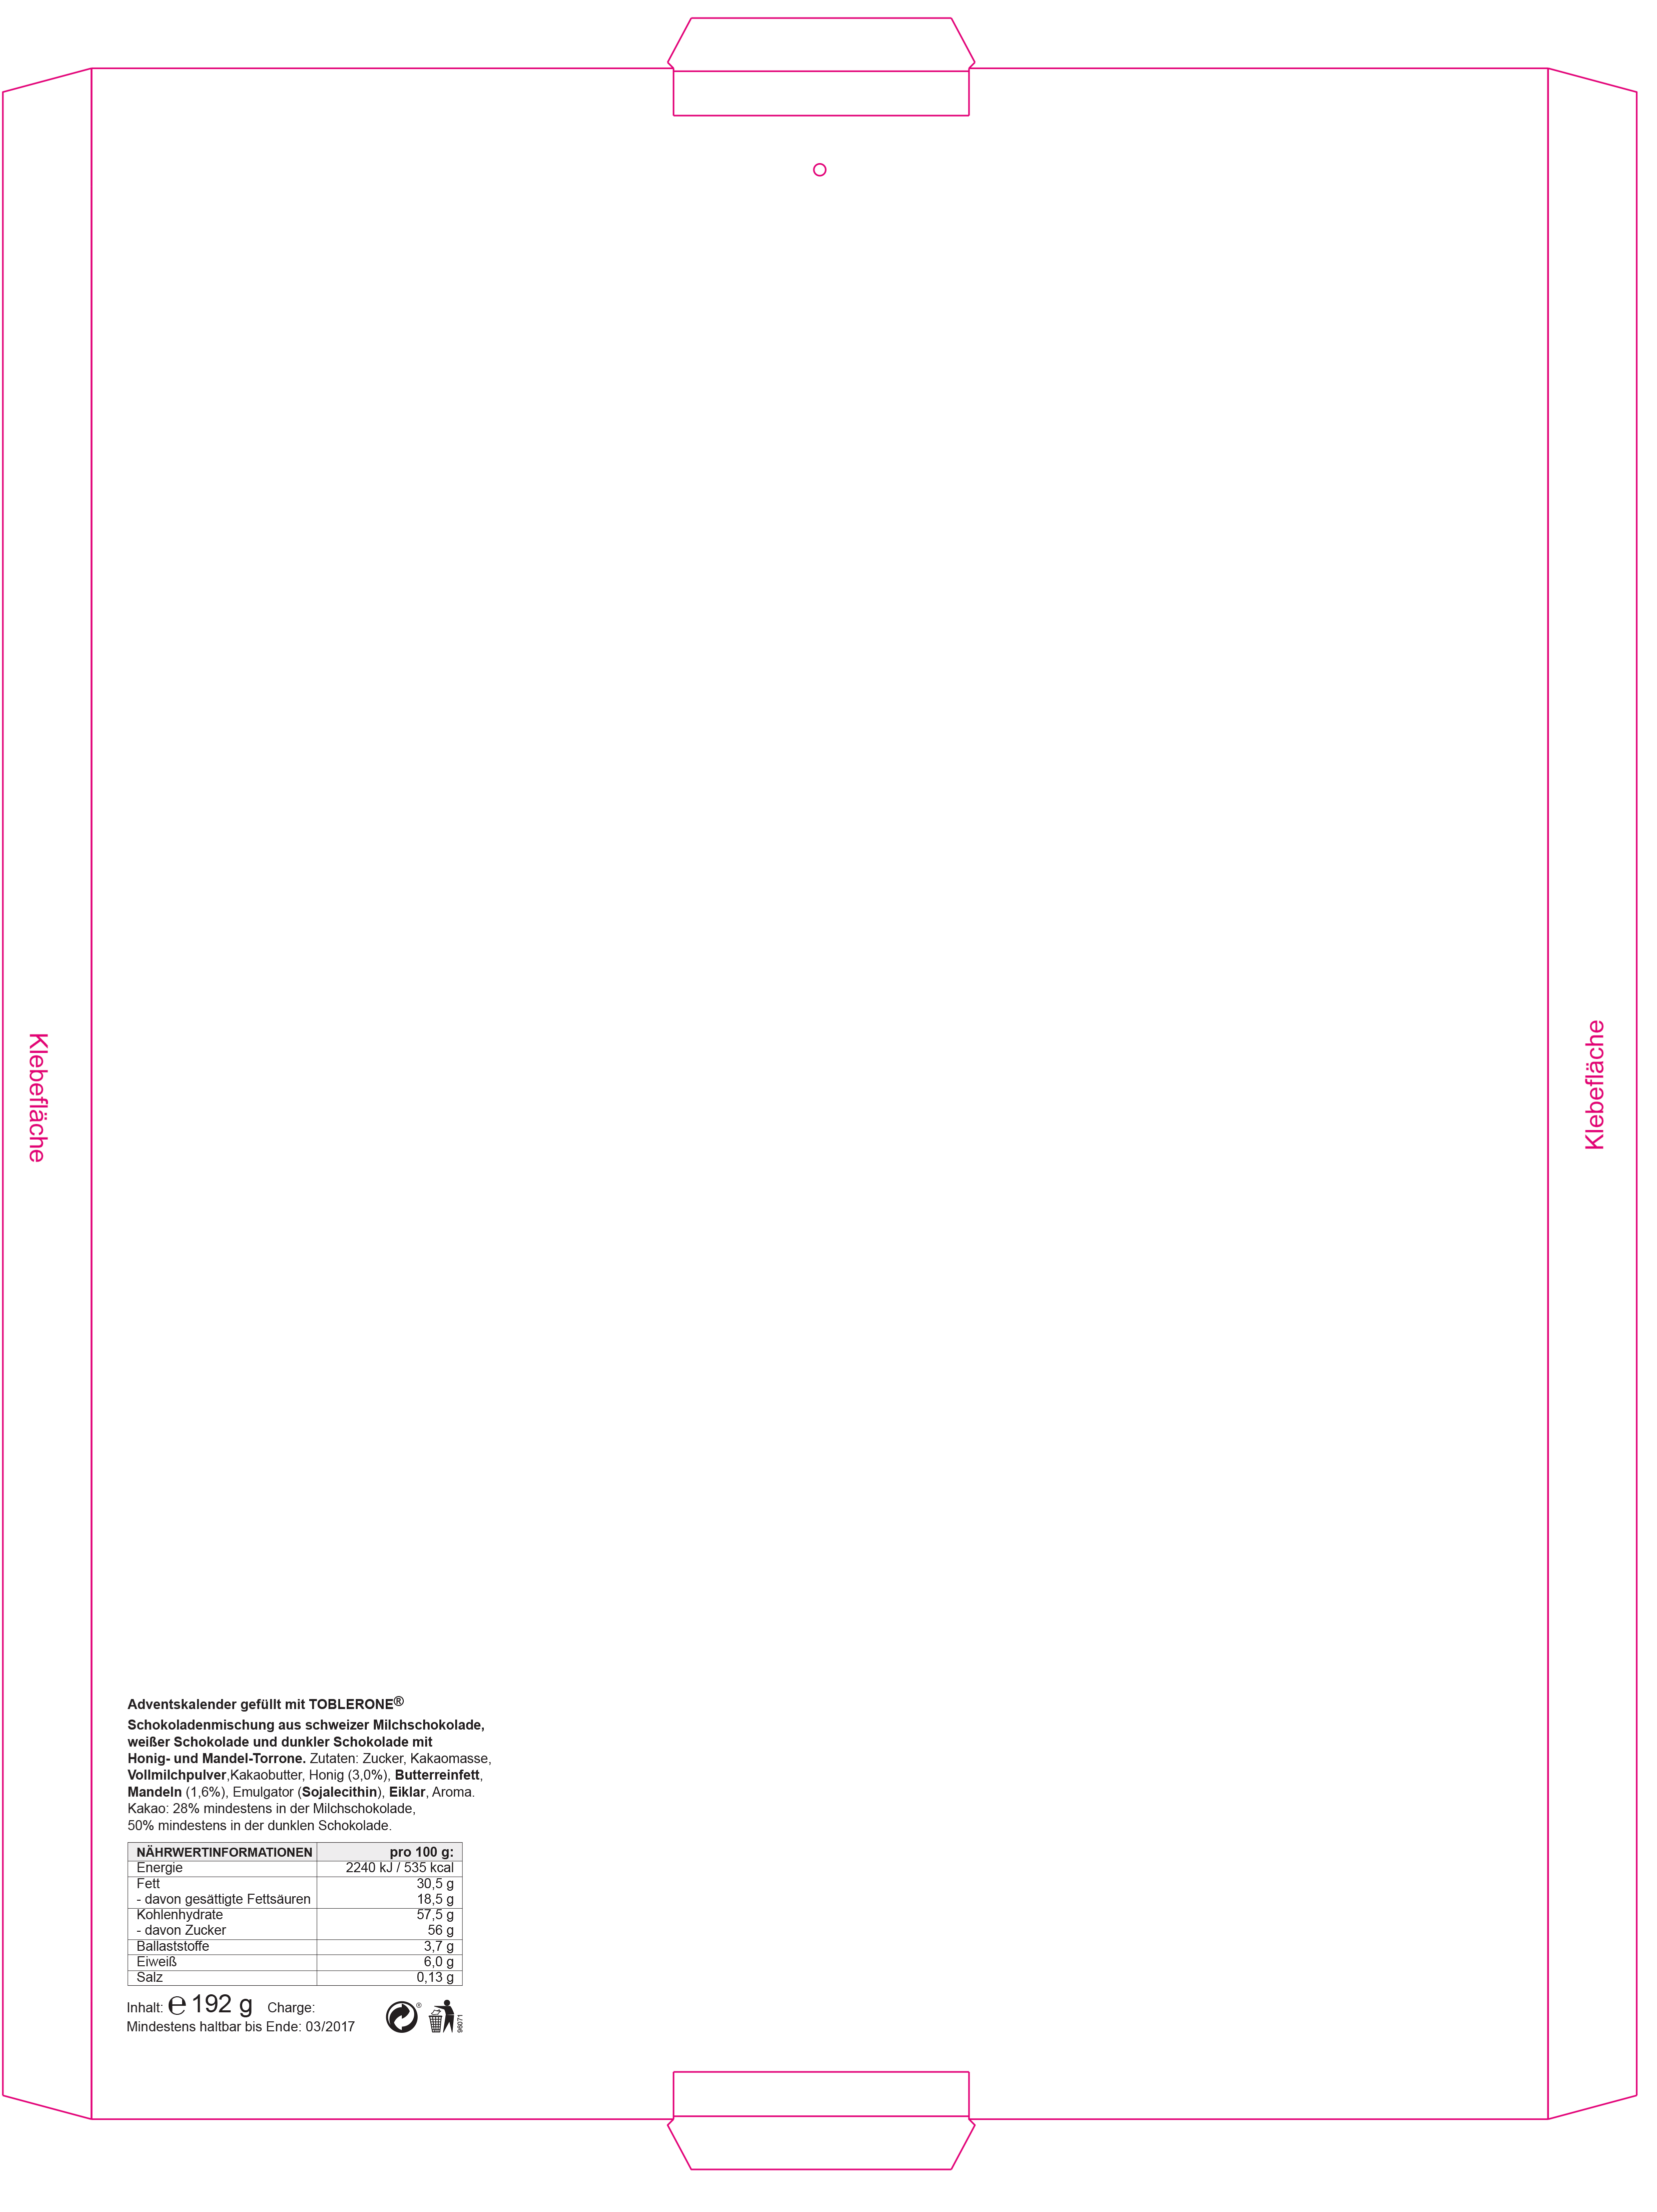 Wandkalender_TOBLERONE_2-teilig_RA-ckseite_GEMISCHT_CS2_Neutral